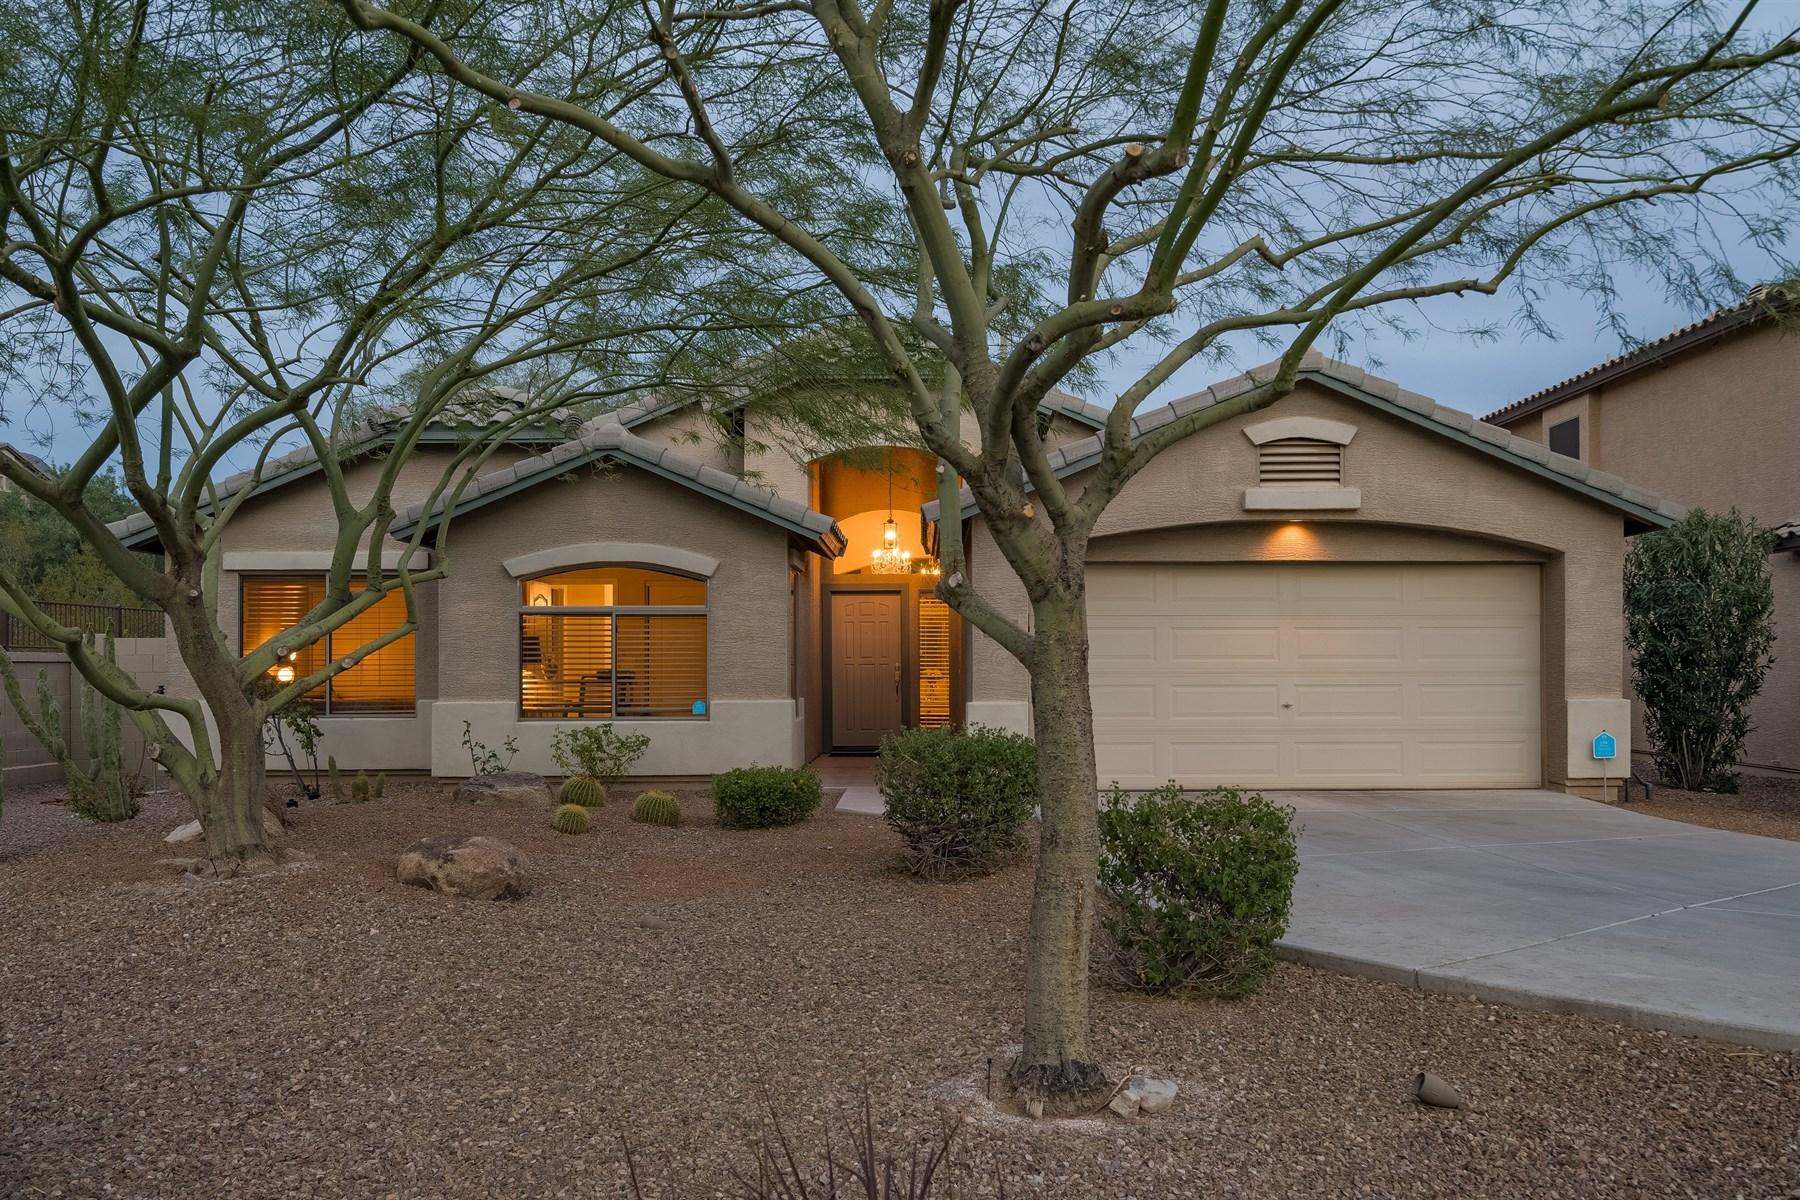 Частный односемейный дом для того Продажа на Immaculate Gated cul-de-sac Scottsdale home 16283 N 99th Way Scottsdale, Аризона, 85260 Соединенные Штаты